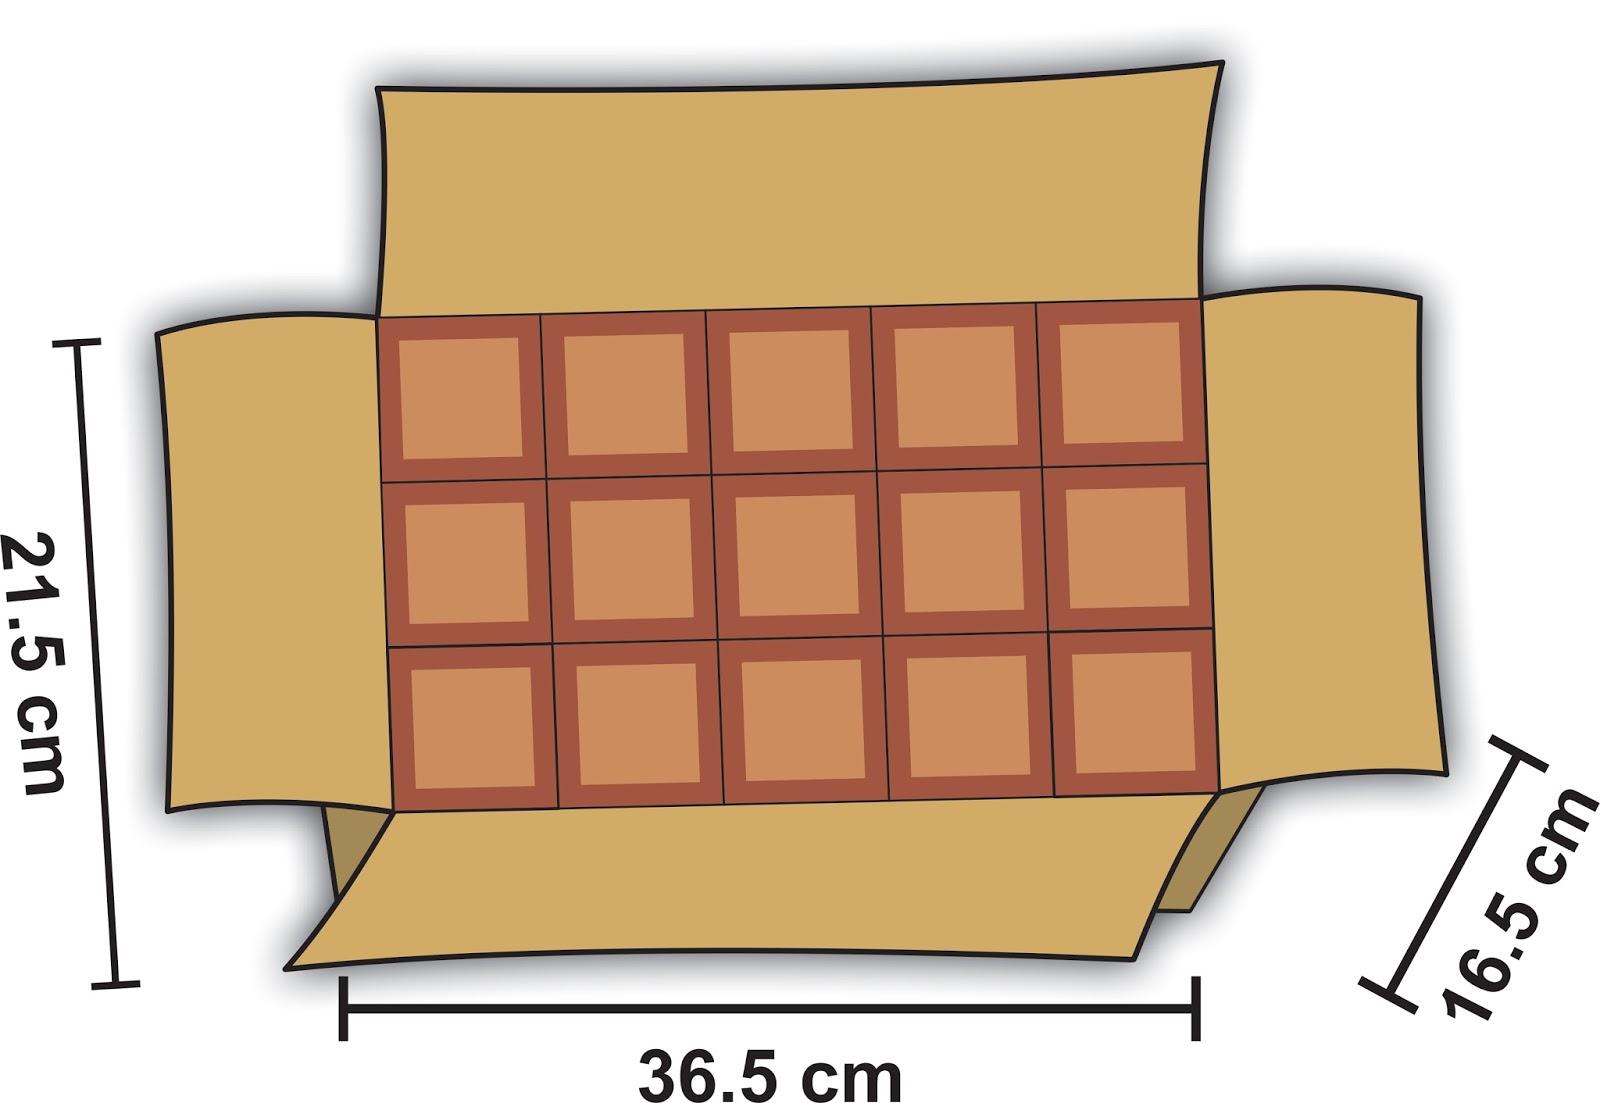 Exportaci n de mermelada de rocoto embalaje y tipo de carga for Cajas carton embalaje